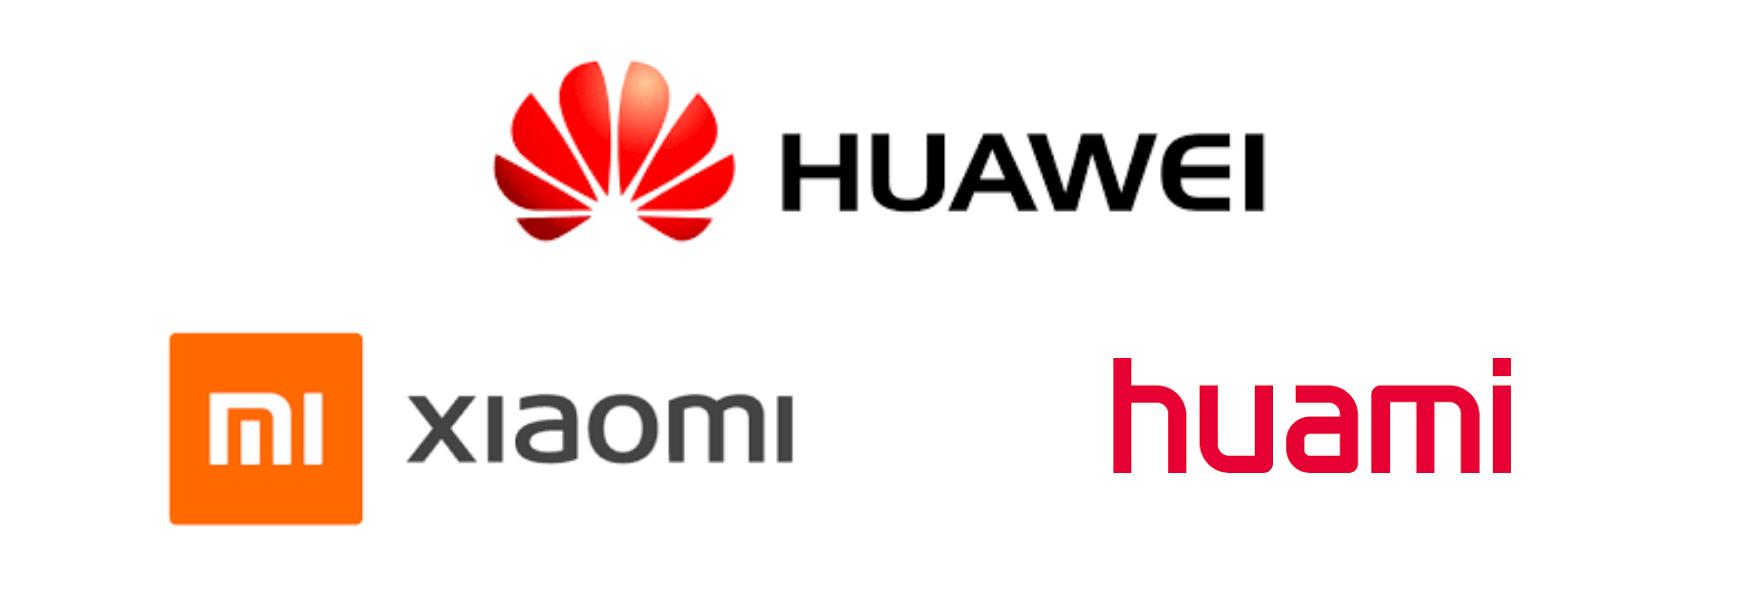 中国製スマートウォッチの主力製品をAppleWatchと比較